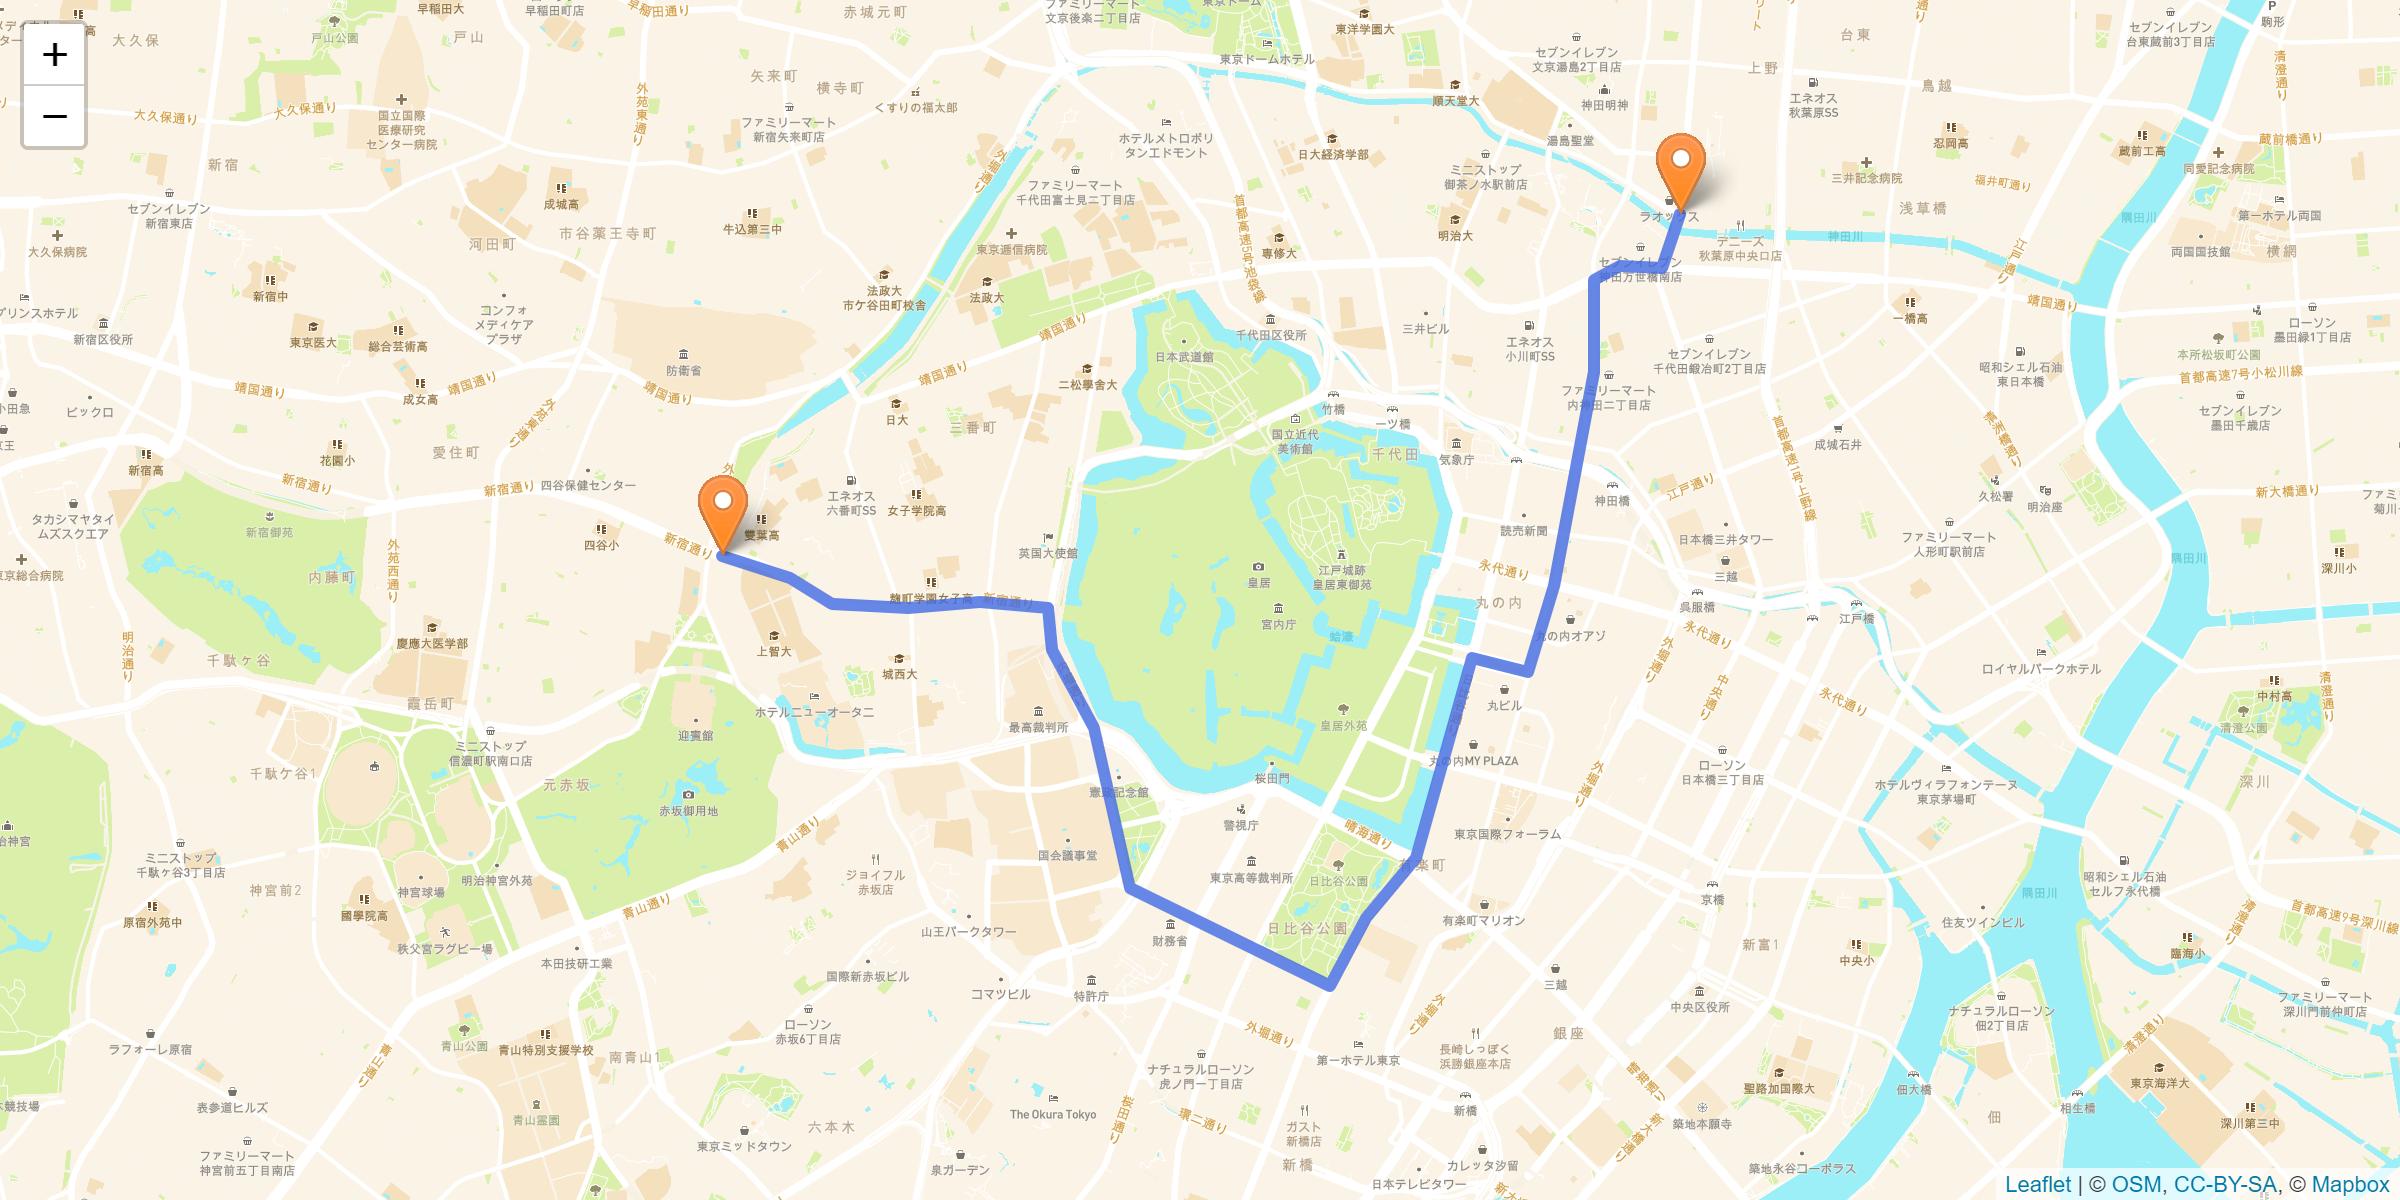 千代田区 聖火リレーのルート